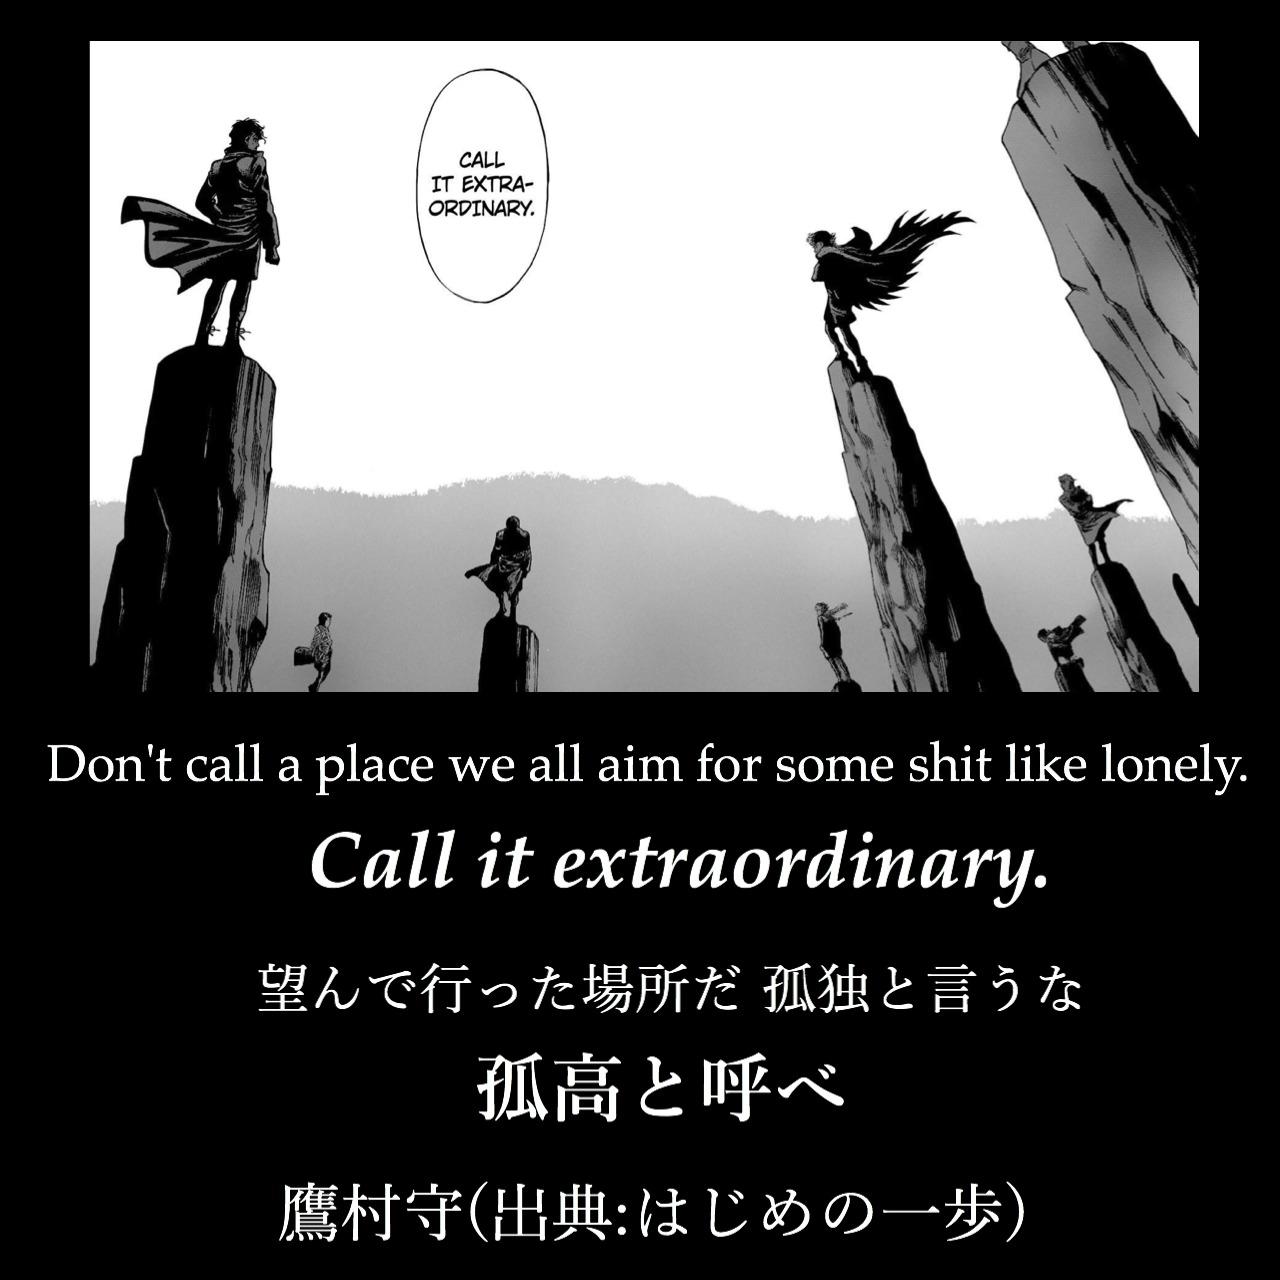 望んで行った場所だ 孤独と言うな 孤高と呼べ / 鷹村守(出典:はじめの一歩)